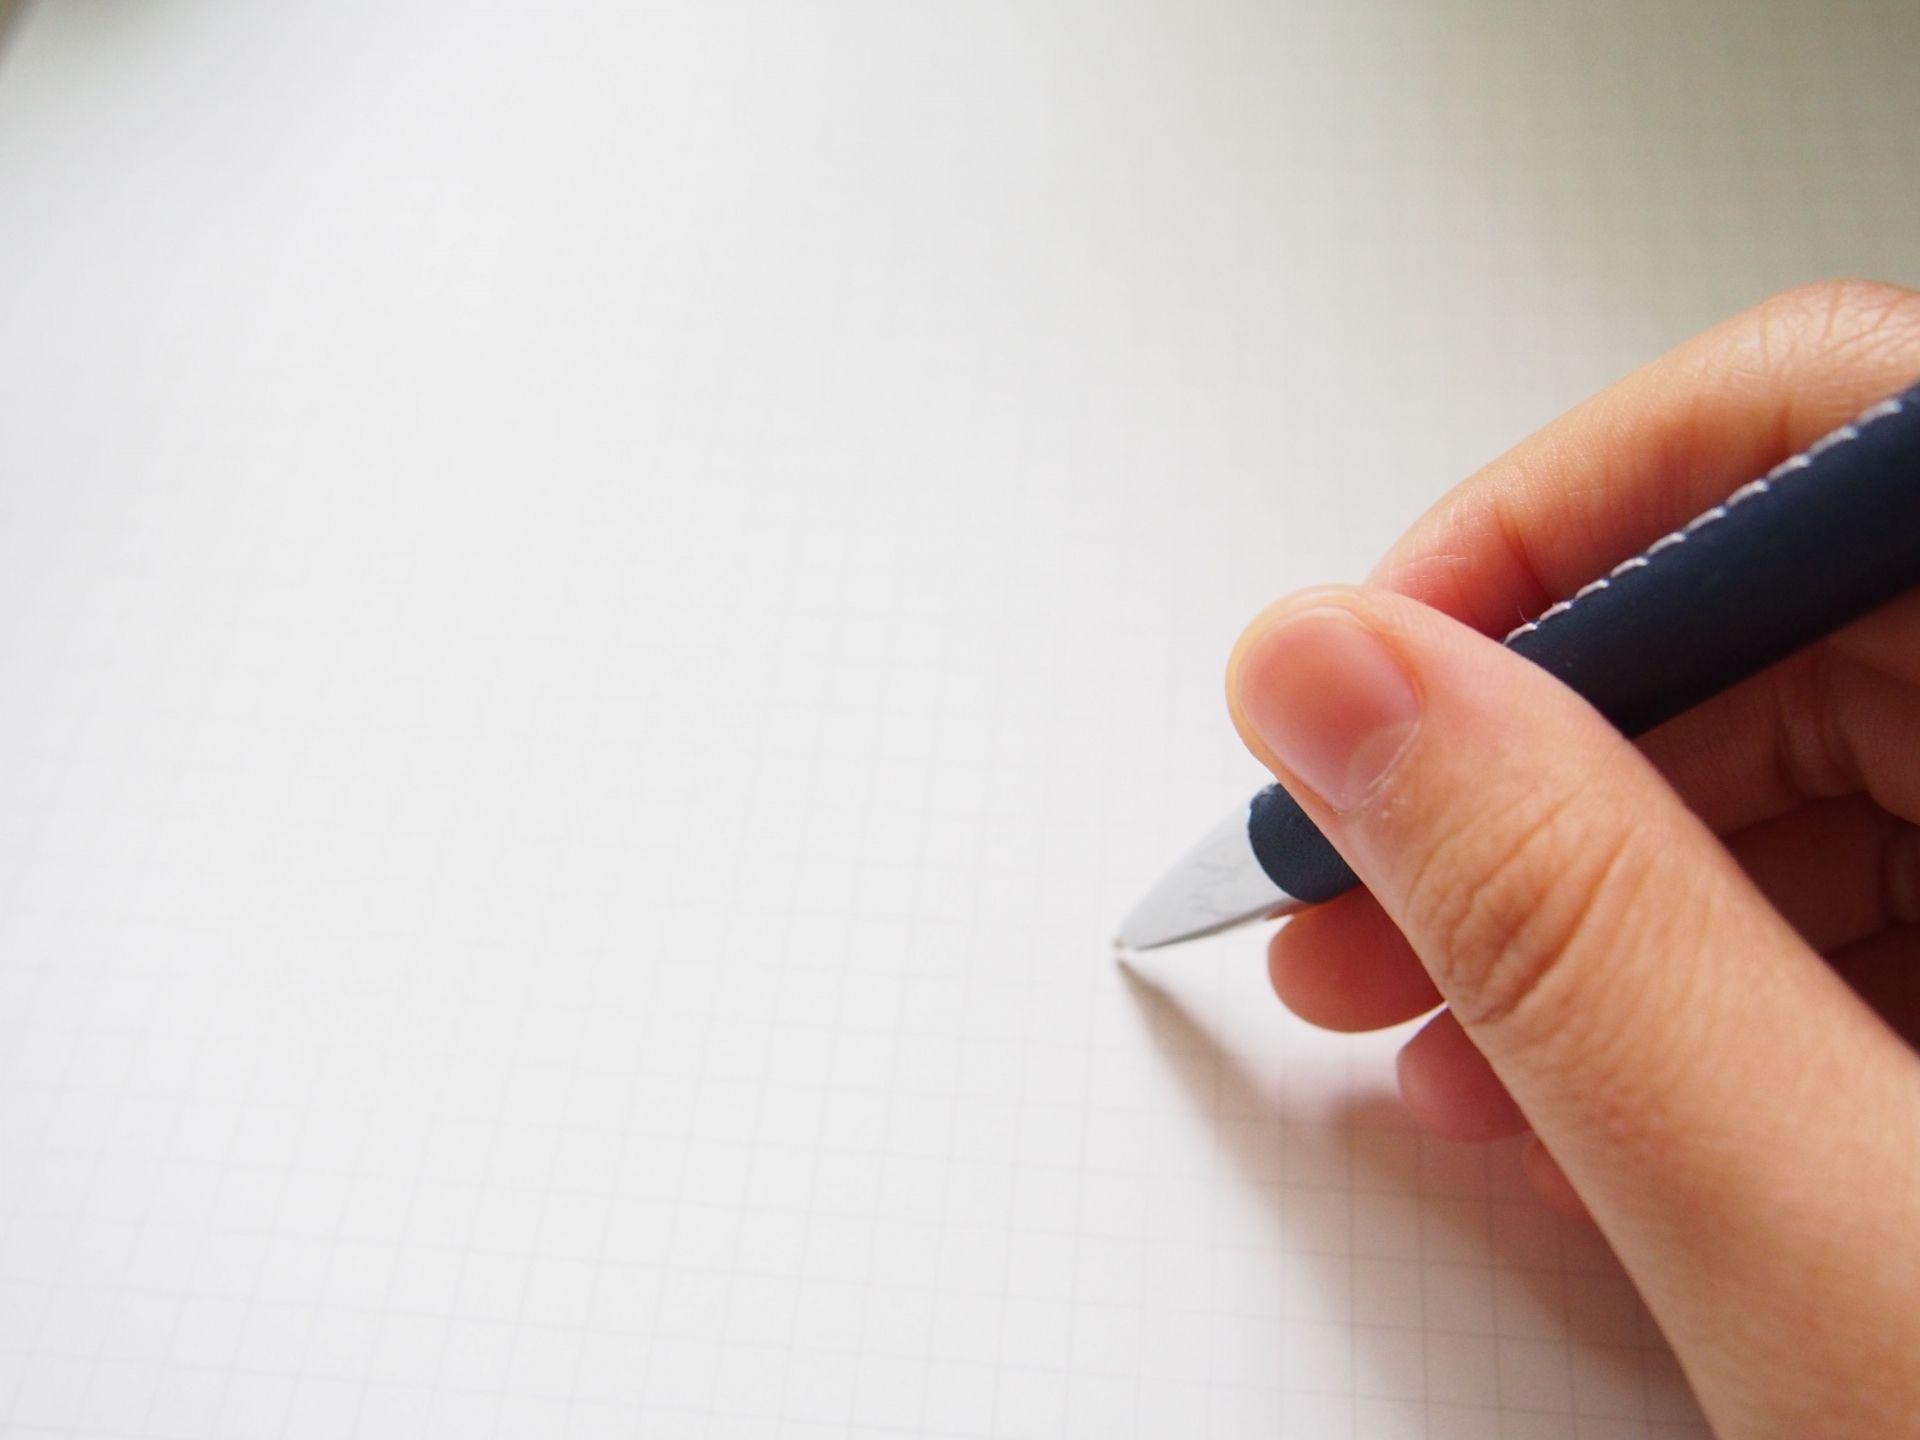 怪文書・領収書などの筆跡鑑定を依頼するなら【田村鑑定調査】へ事前のご予約を